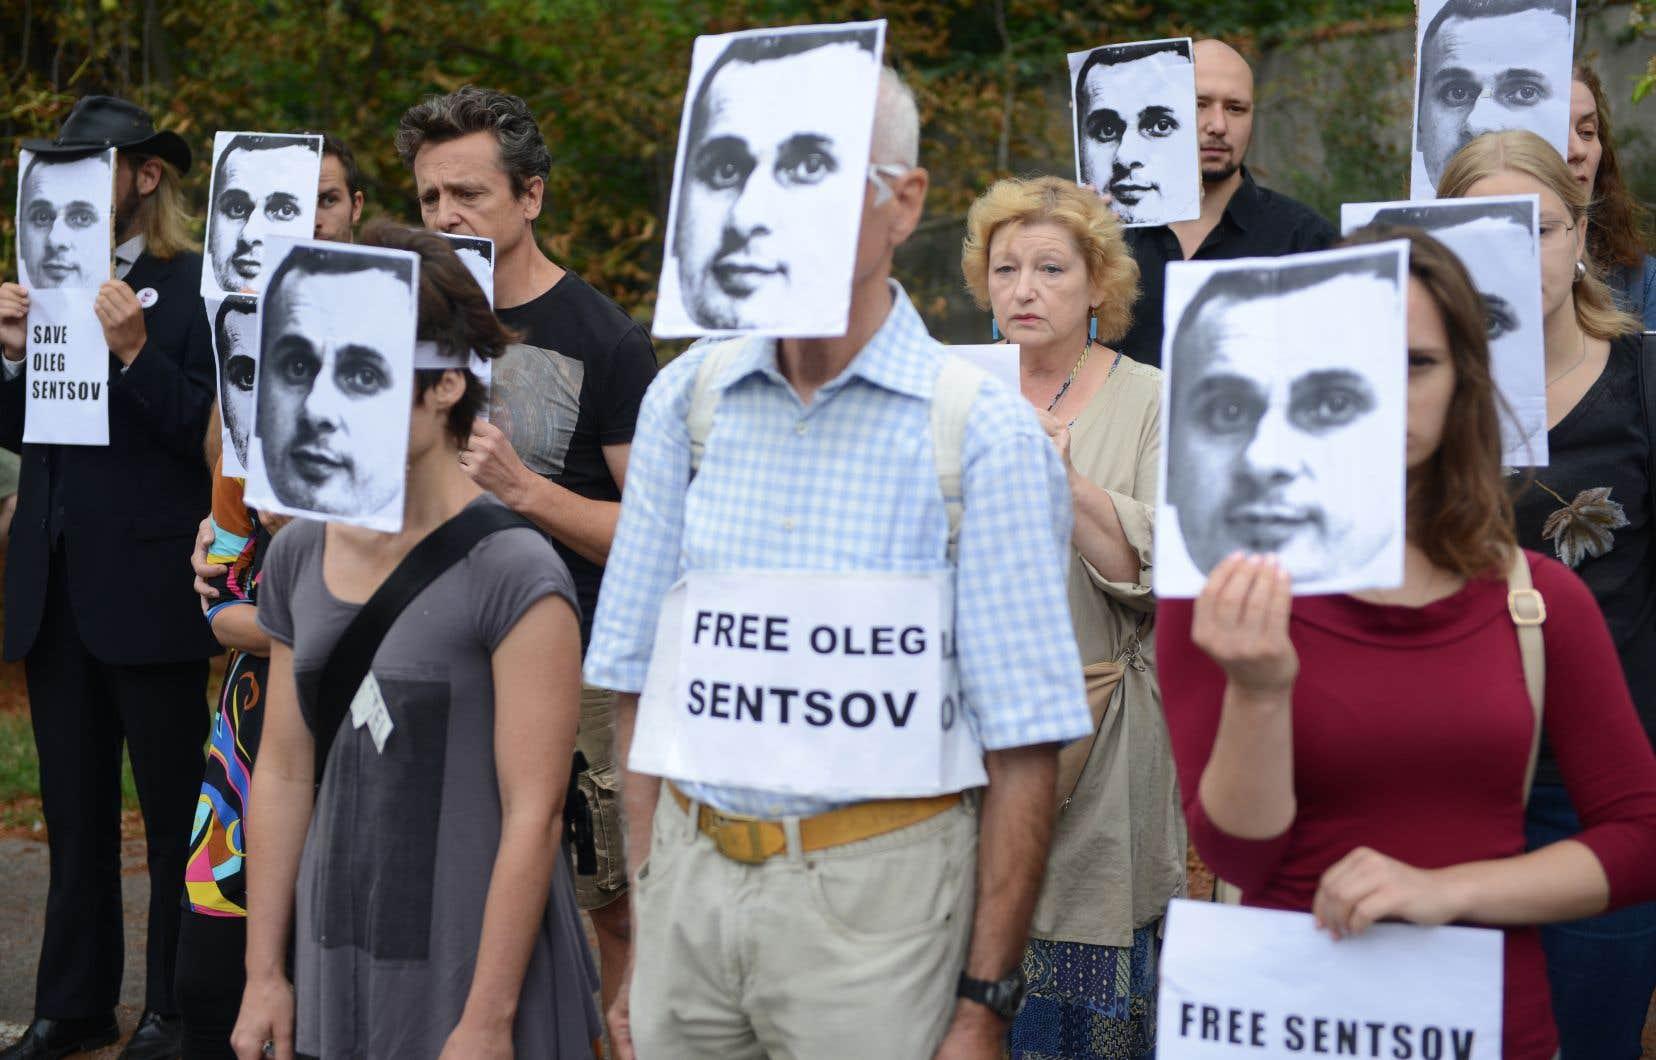 Les pays du G7 ainsi que de nombreuses personnalités du monde culturel ont appelé à la libération d'Oleg Sentsov.